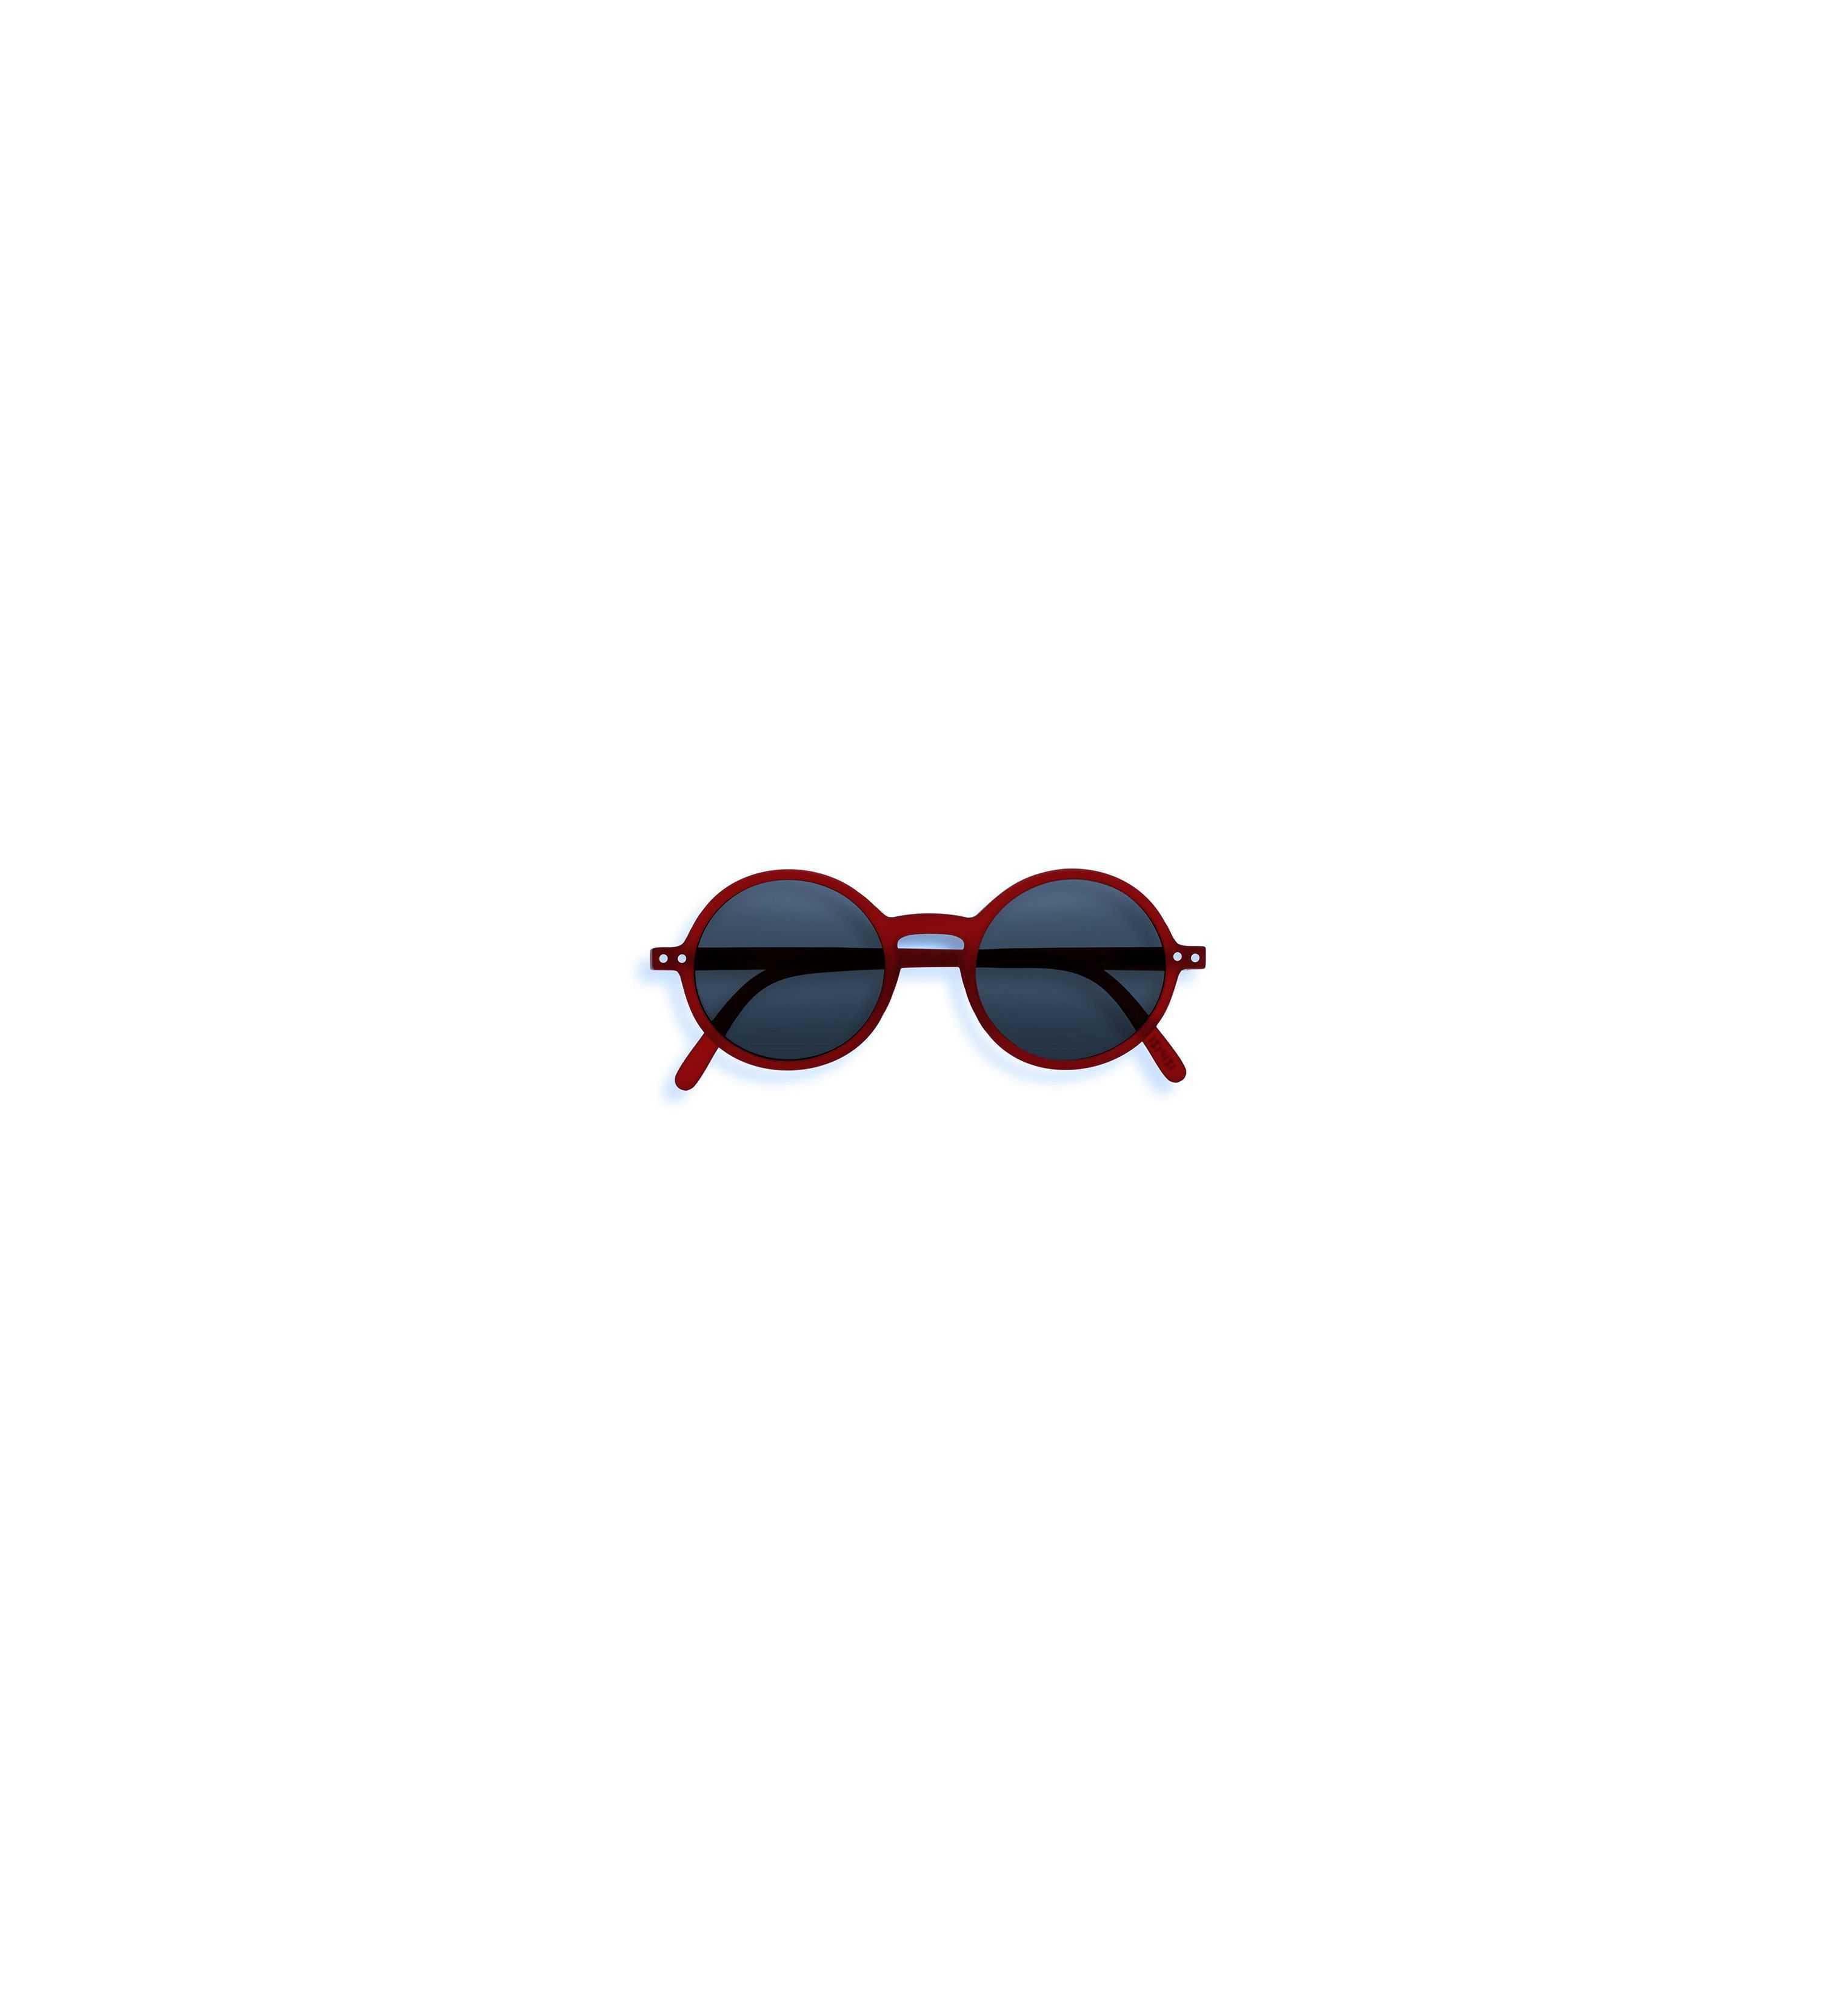 Lunettes de soleil Junior red crystal G